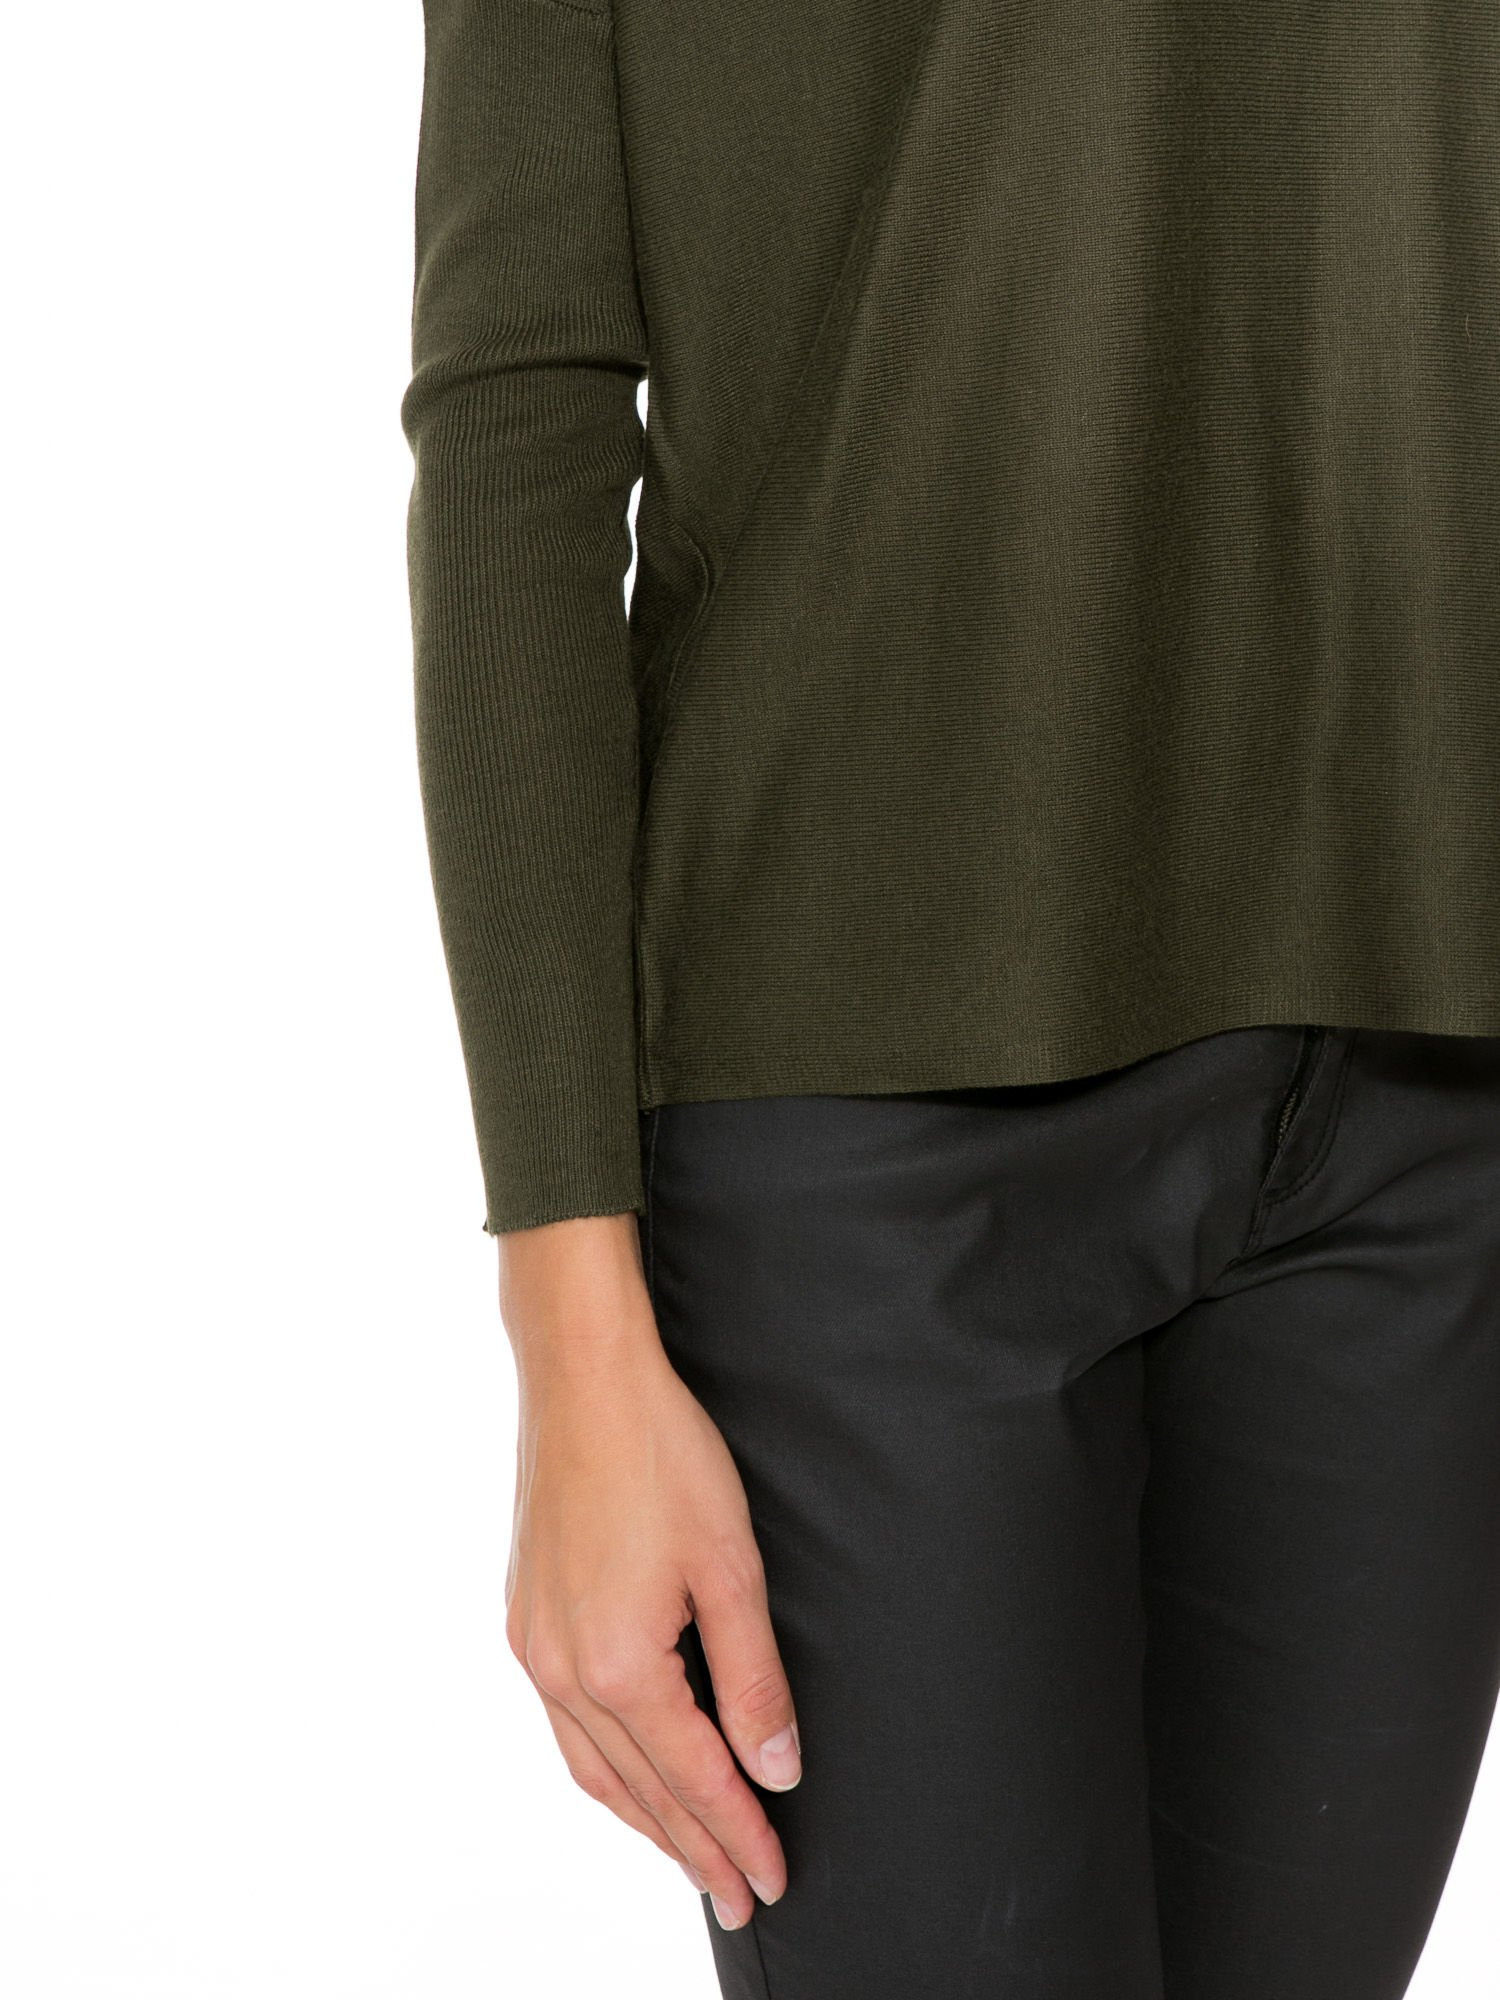 Oliwkowy sweter o nietoperzowym kroju z cekinową aplikacją na rękawach                                  zdj.                                  6